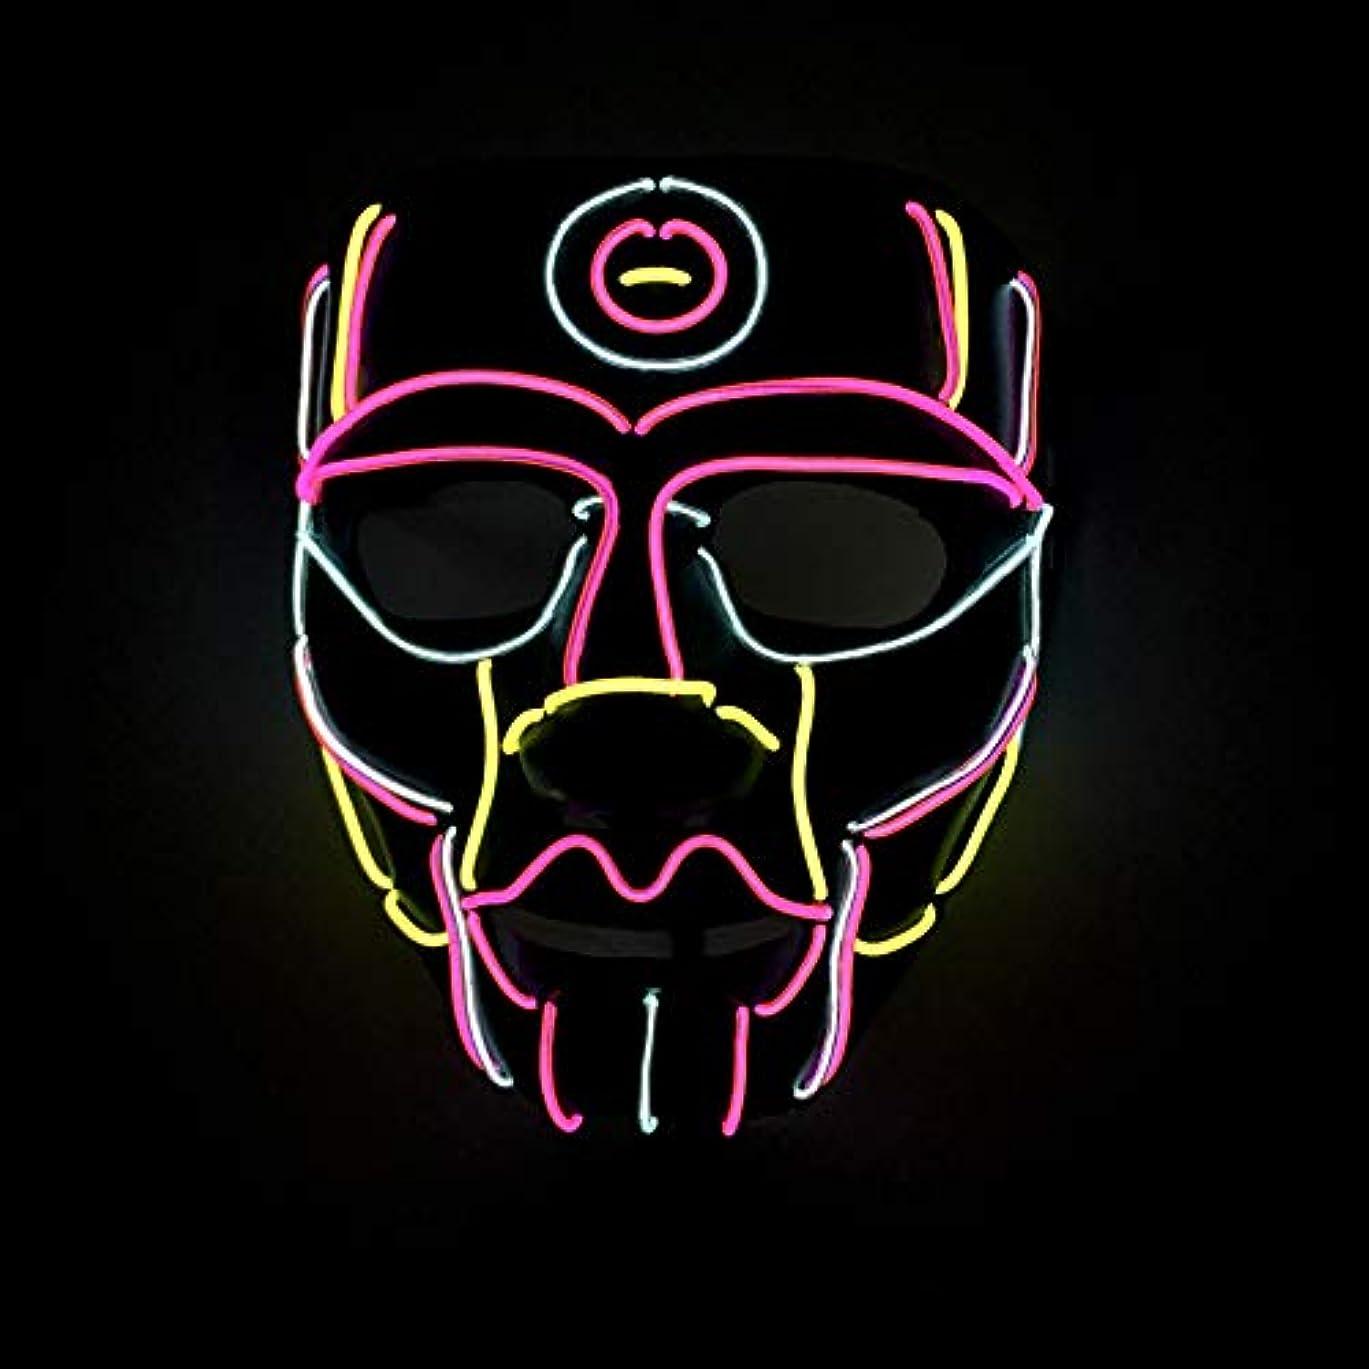 教養があるマンモスキリストカラフル モンスター イルミネーション ハロウィン テロ LED マスク EL ワイヤー カーニバル イルミネーション マスク プロム パーティー プロップ MAG.AL